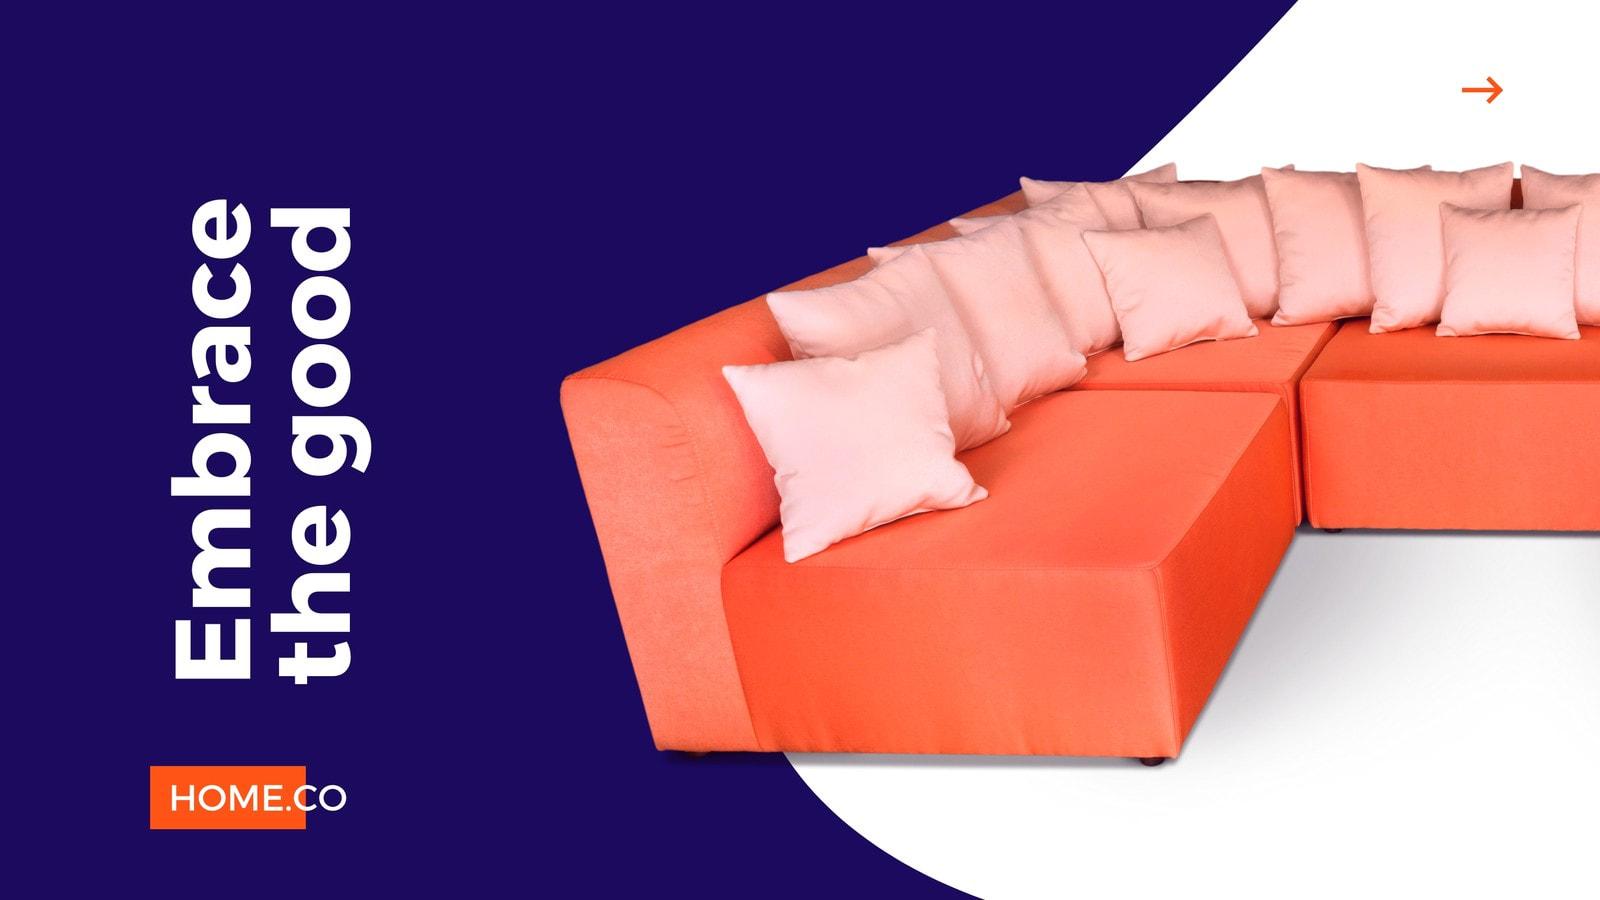 Purple and Orange Classy Furniture/Houseware Facebook In-Stream Video Ad